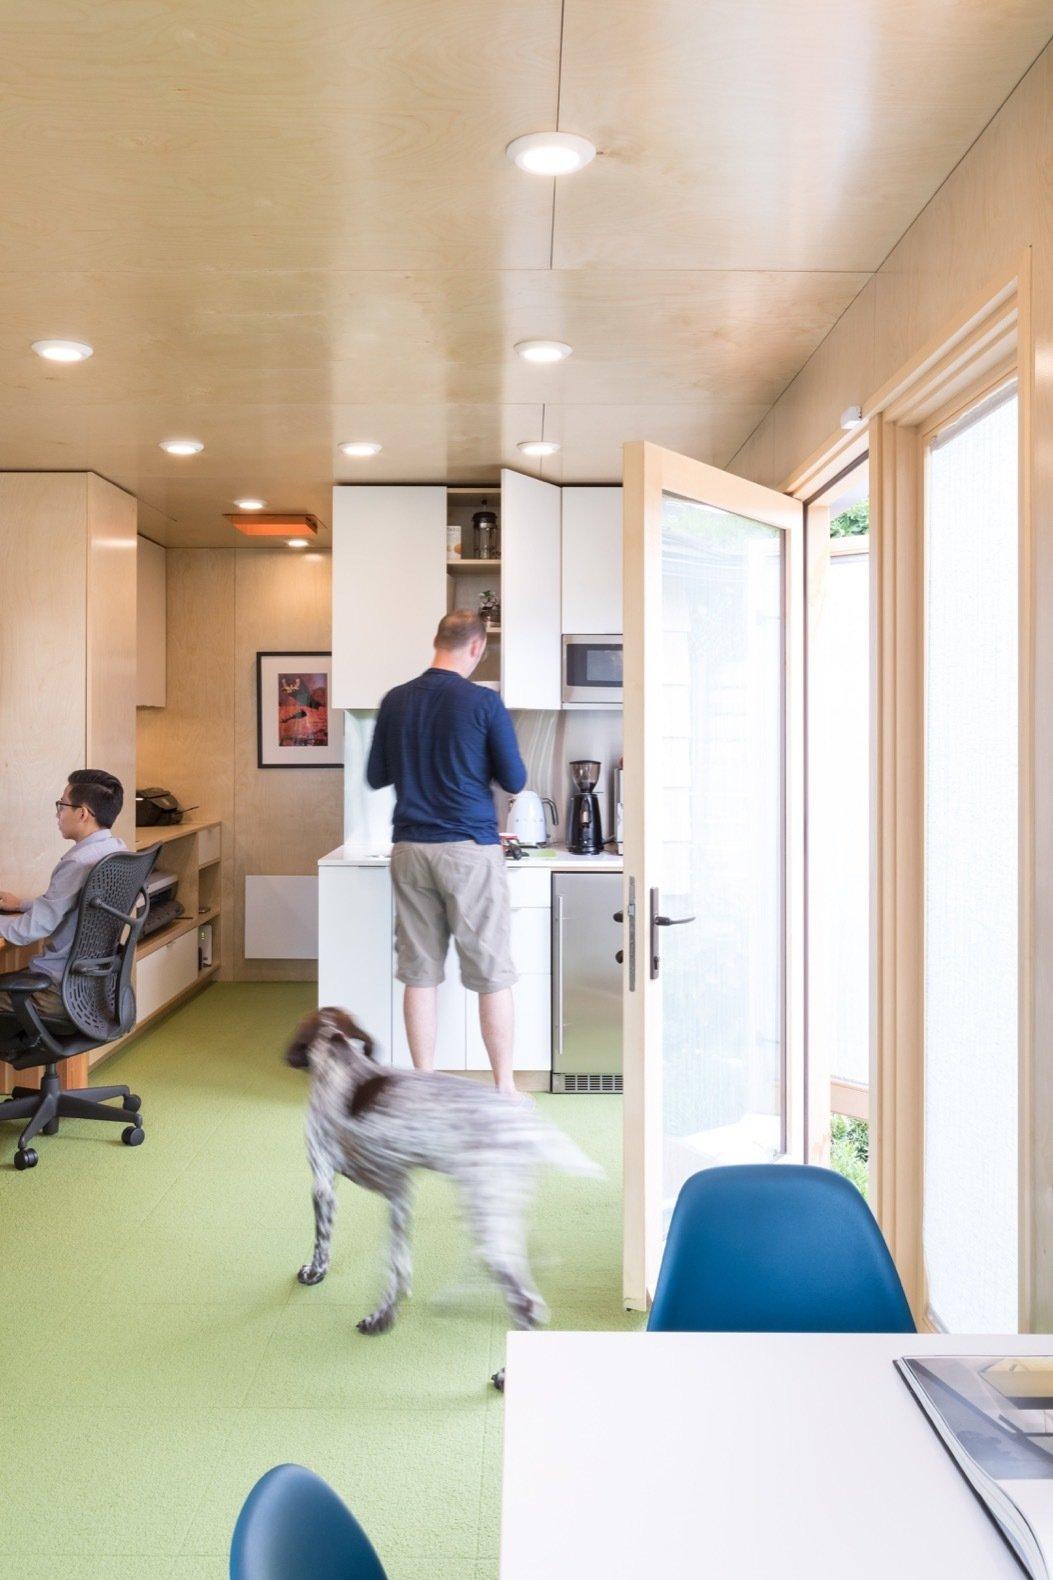 Biến Container thành 1 văn phòng làm việc cực chất, tại sao không ?